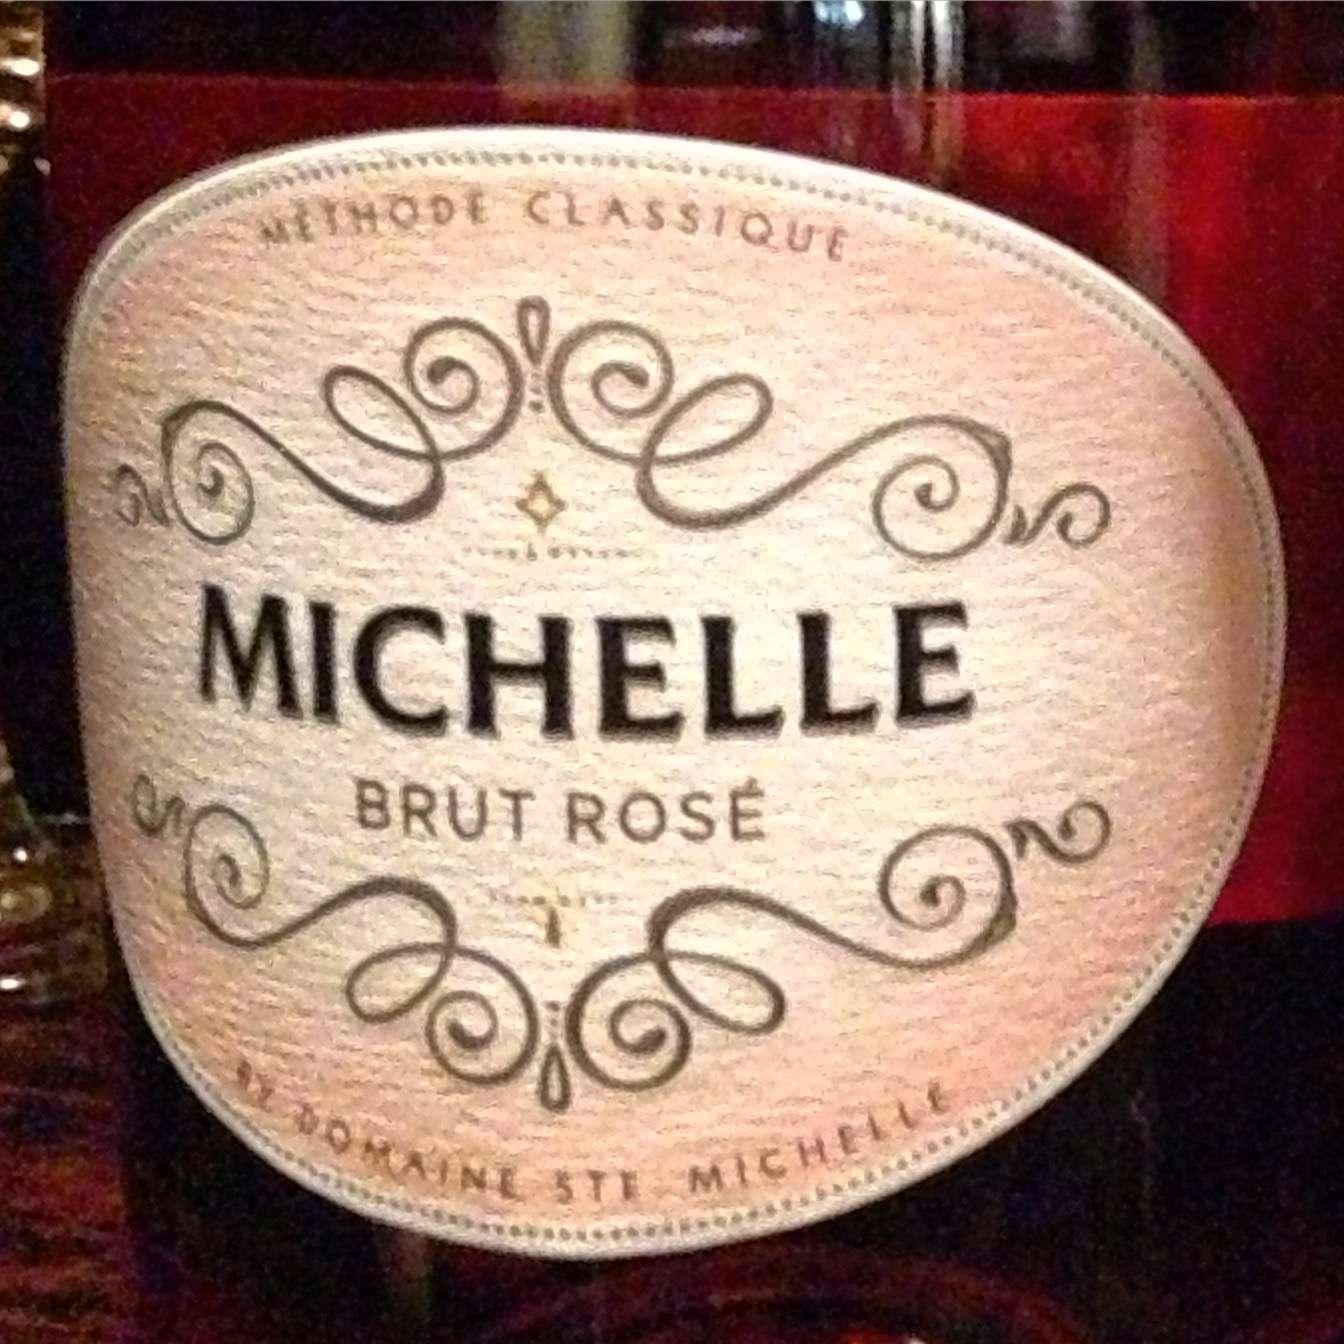 Michelle Brut Rosé